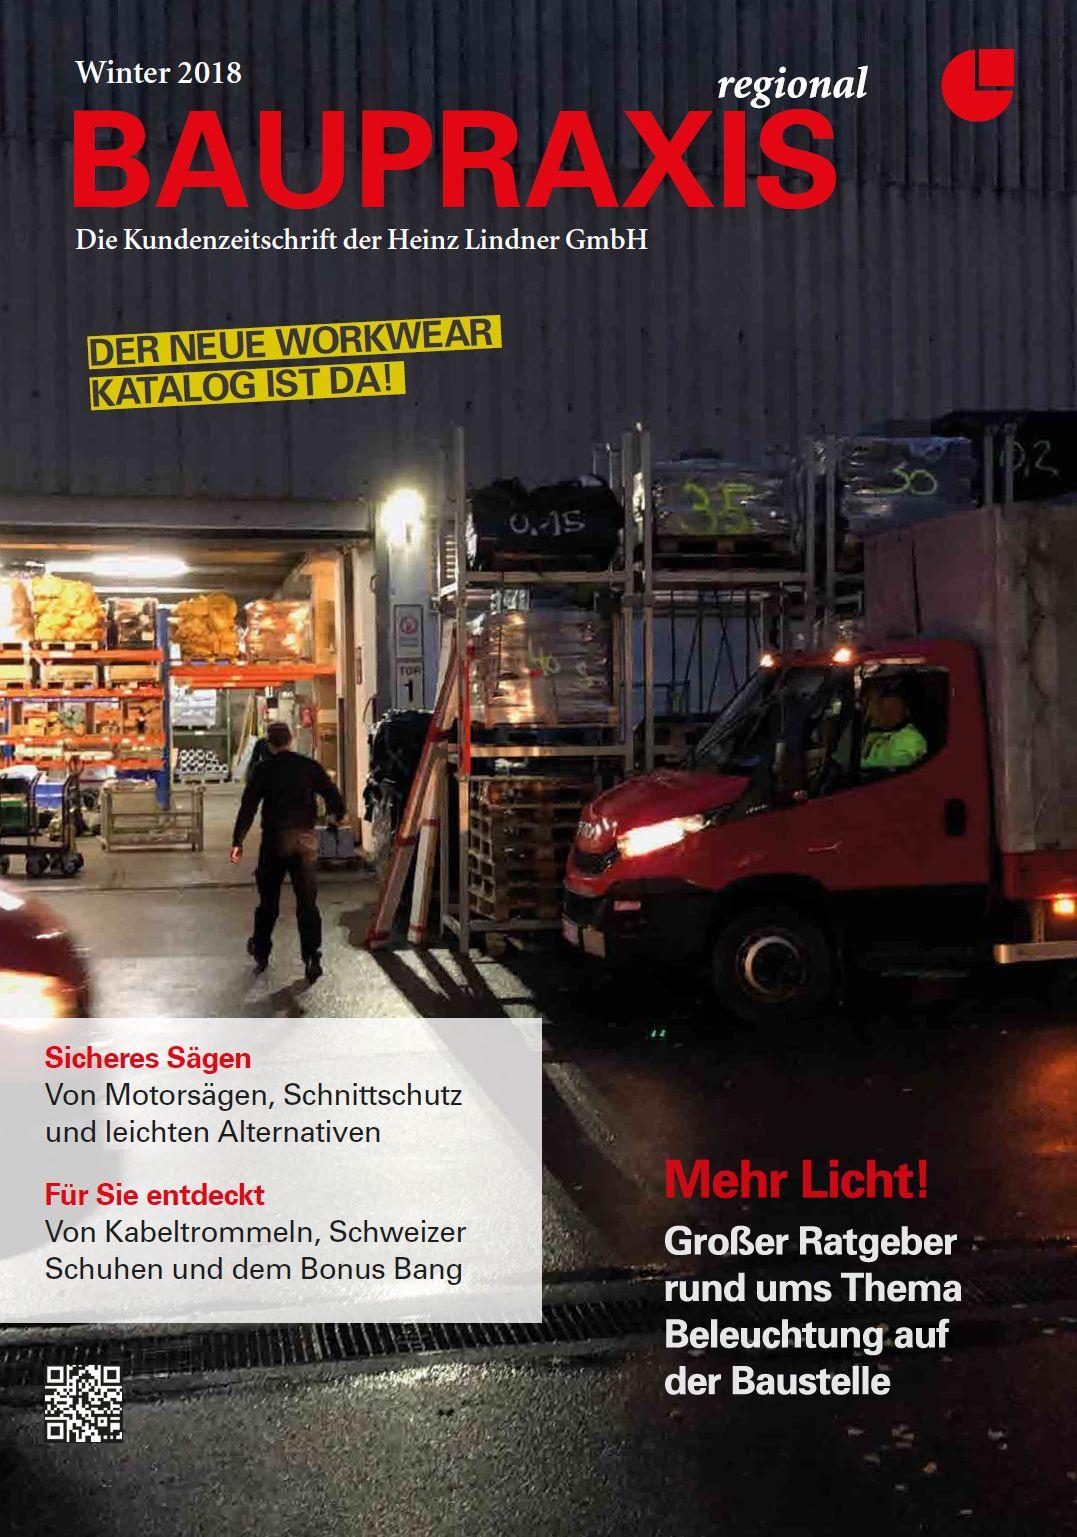 BAUPRAXIS Die Kundenzeitschrift der Heinz Lindner GmbH  – Winter 2018